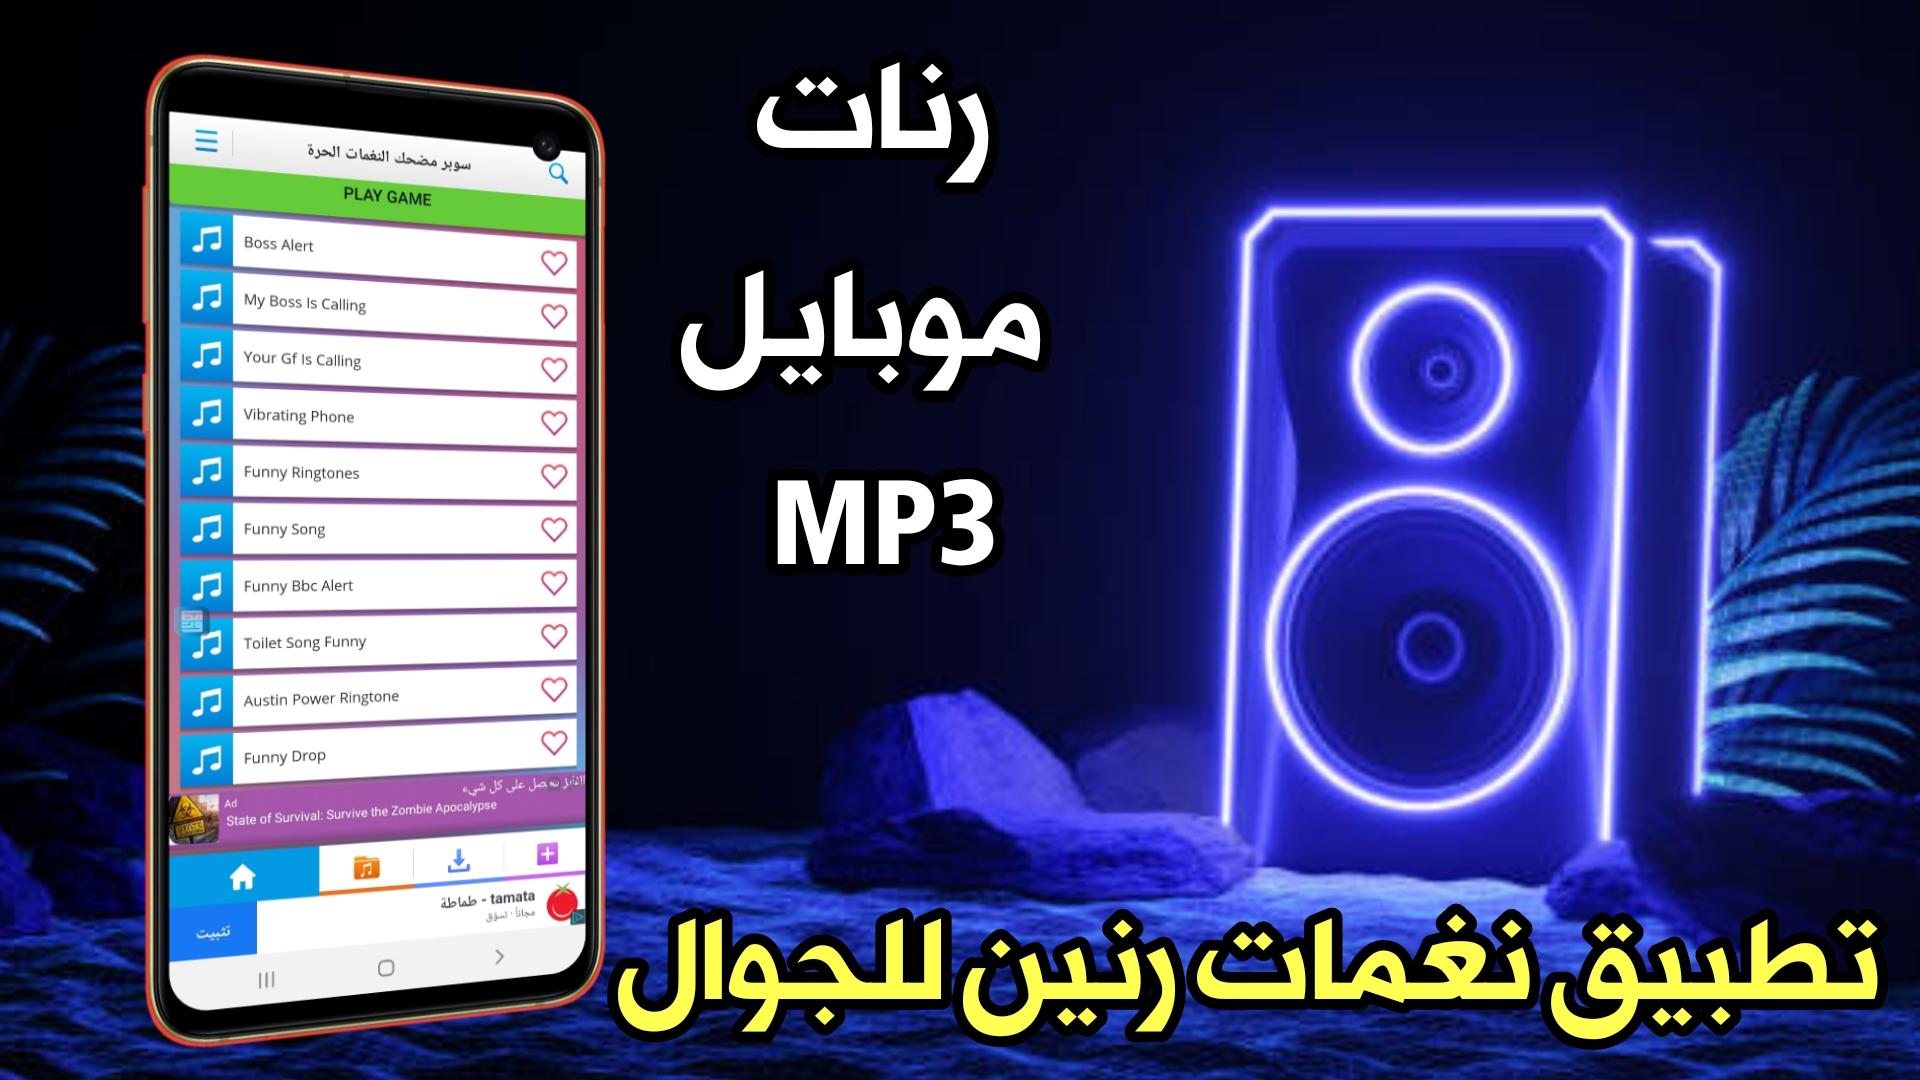 نغمات رنين مضحكة رنات موبايل MP3 تحميل نغمات رنين للجوال